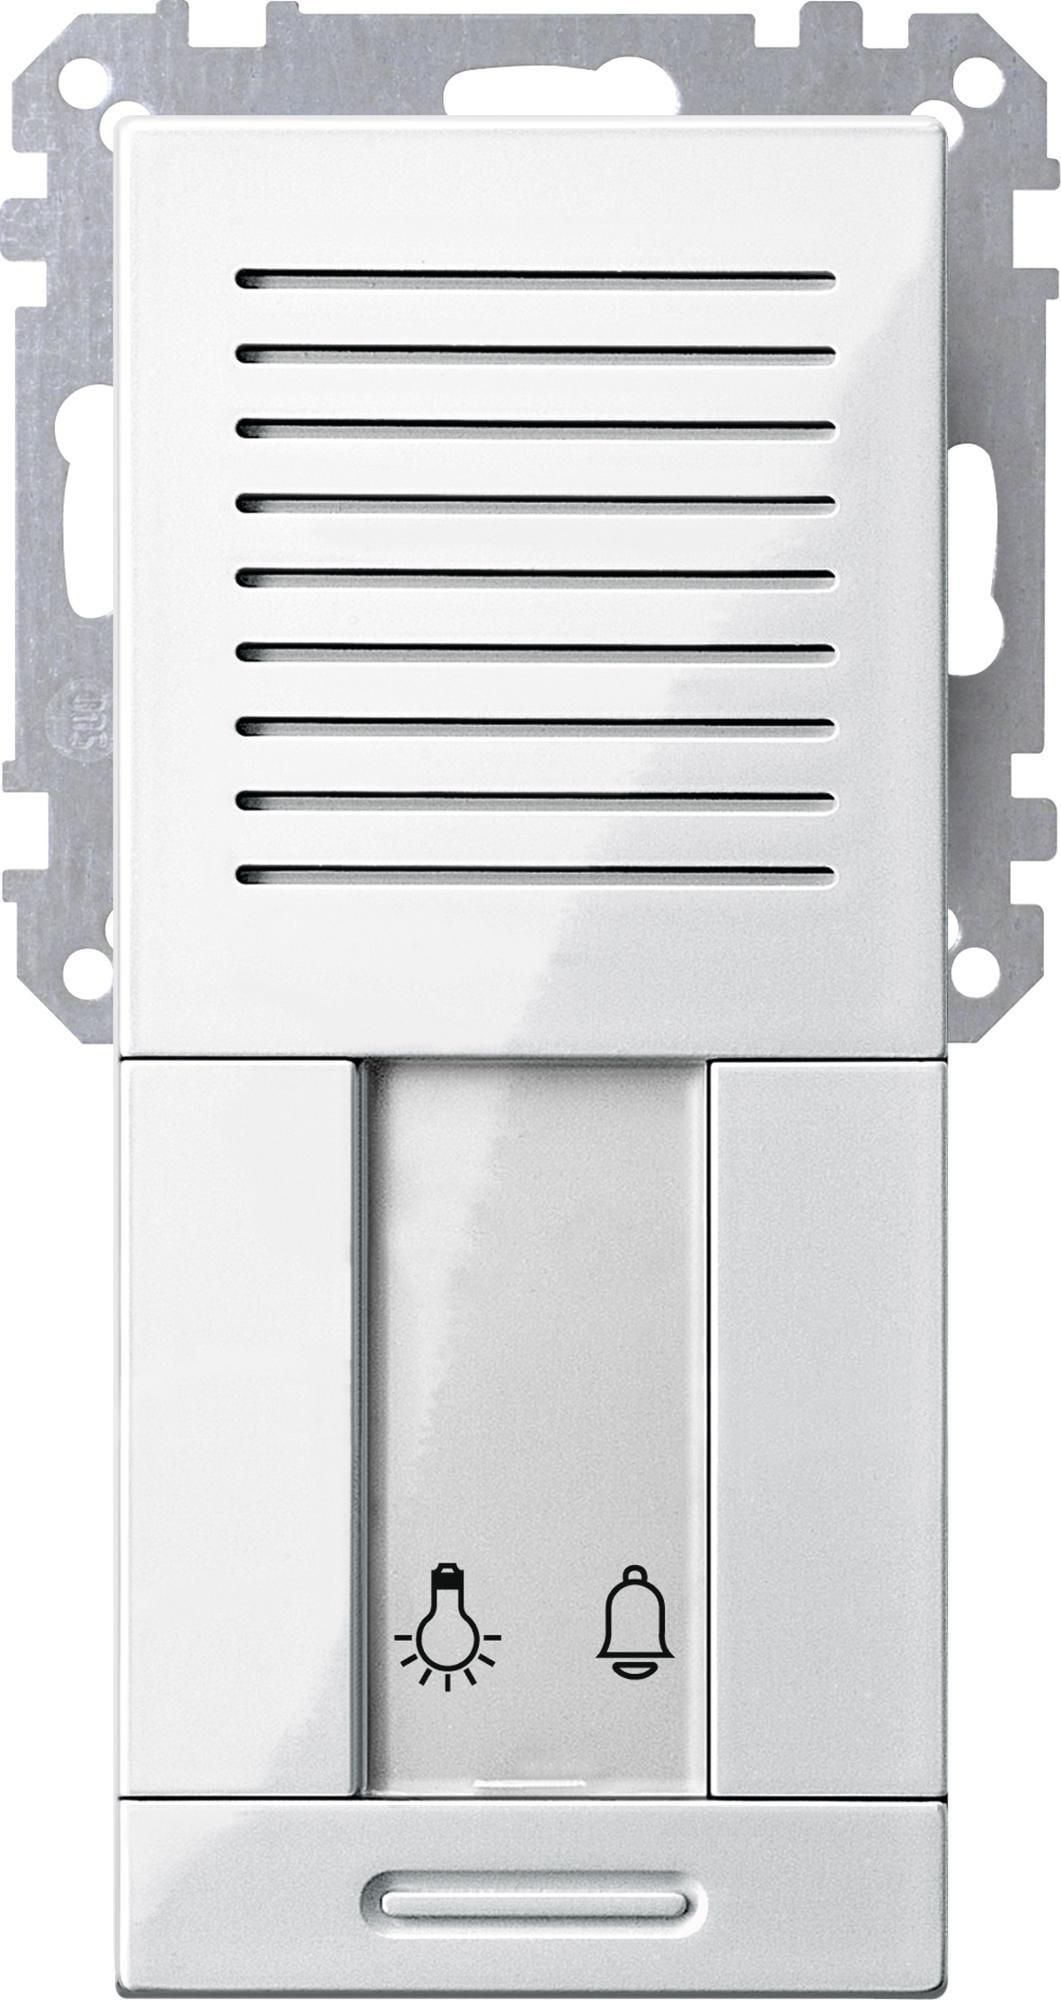 Treppenhaus technische zeichnung  Treppenhaus-Türstation UP, Polarweiß glänzend, Merten 700519 von ...